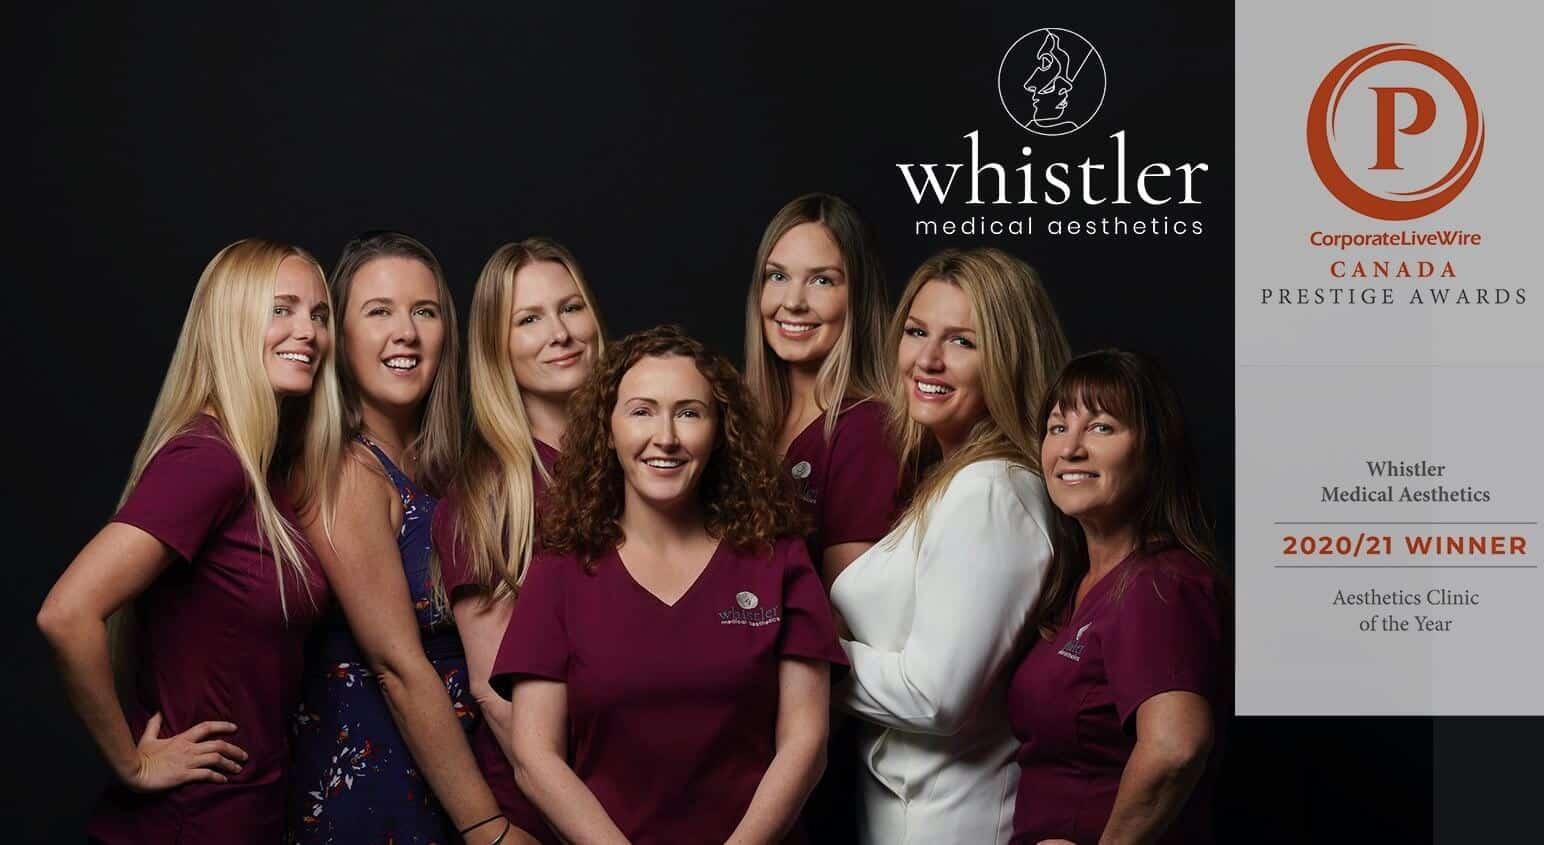 whistler medical aesthetics group cover full